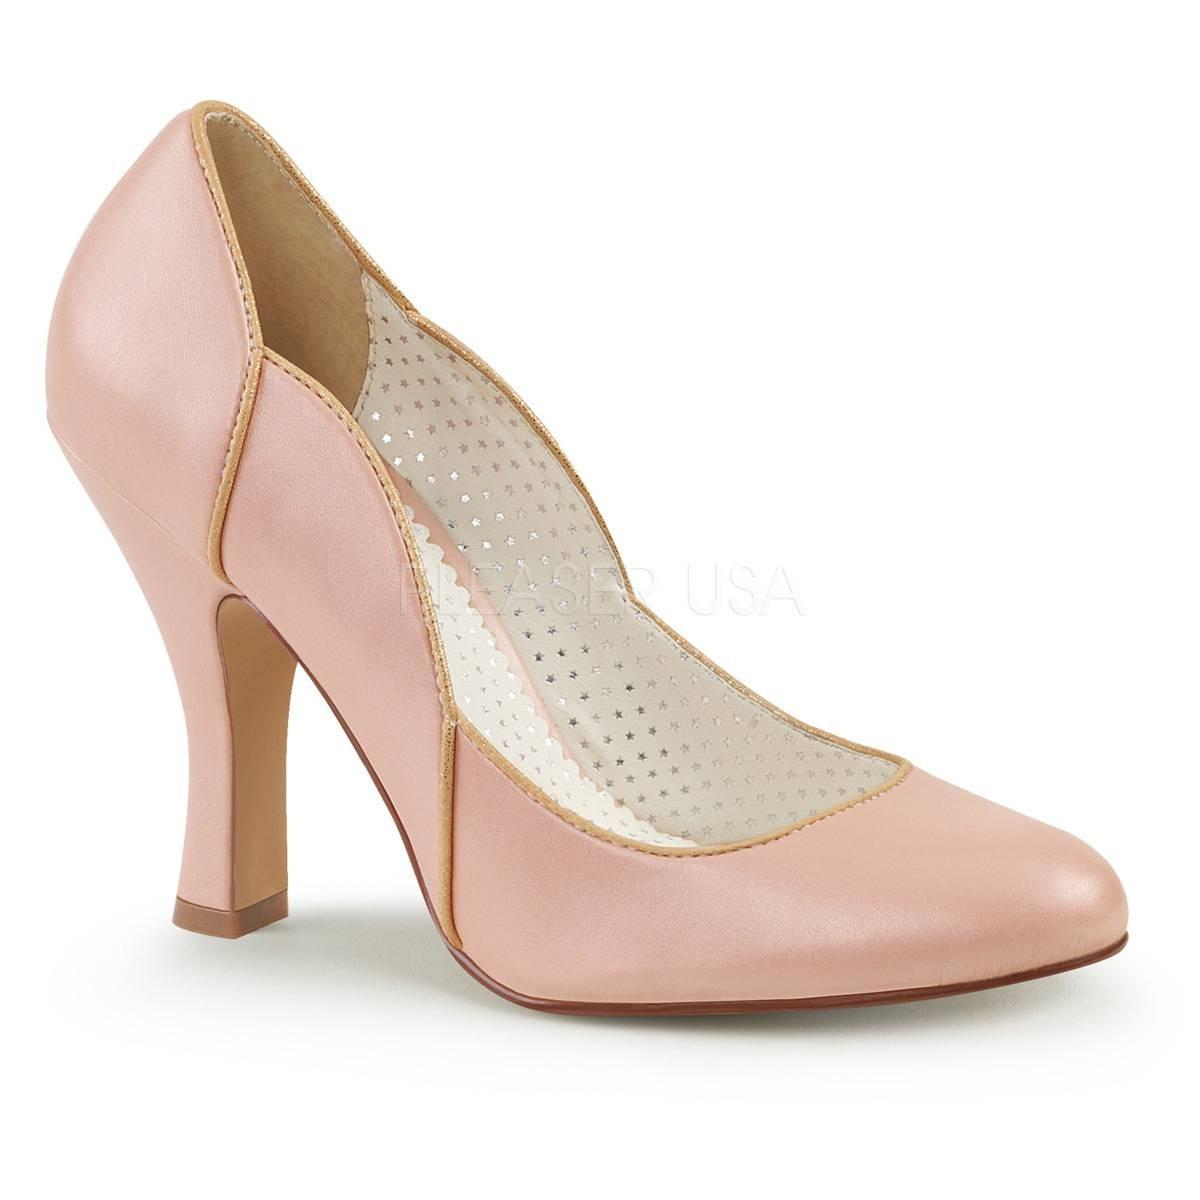 Pumps - SMITTEN 04 ° Damen Pumps ° RosaMatt ° Pin Up Couture  - Onlineshop RedSixty